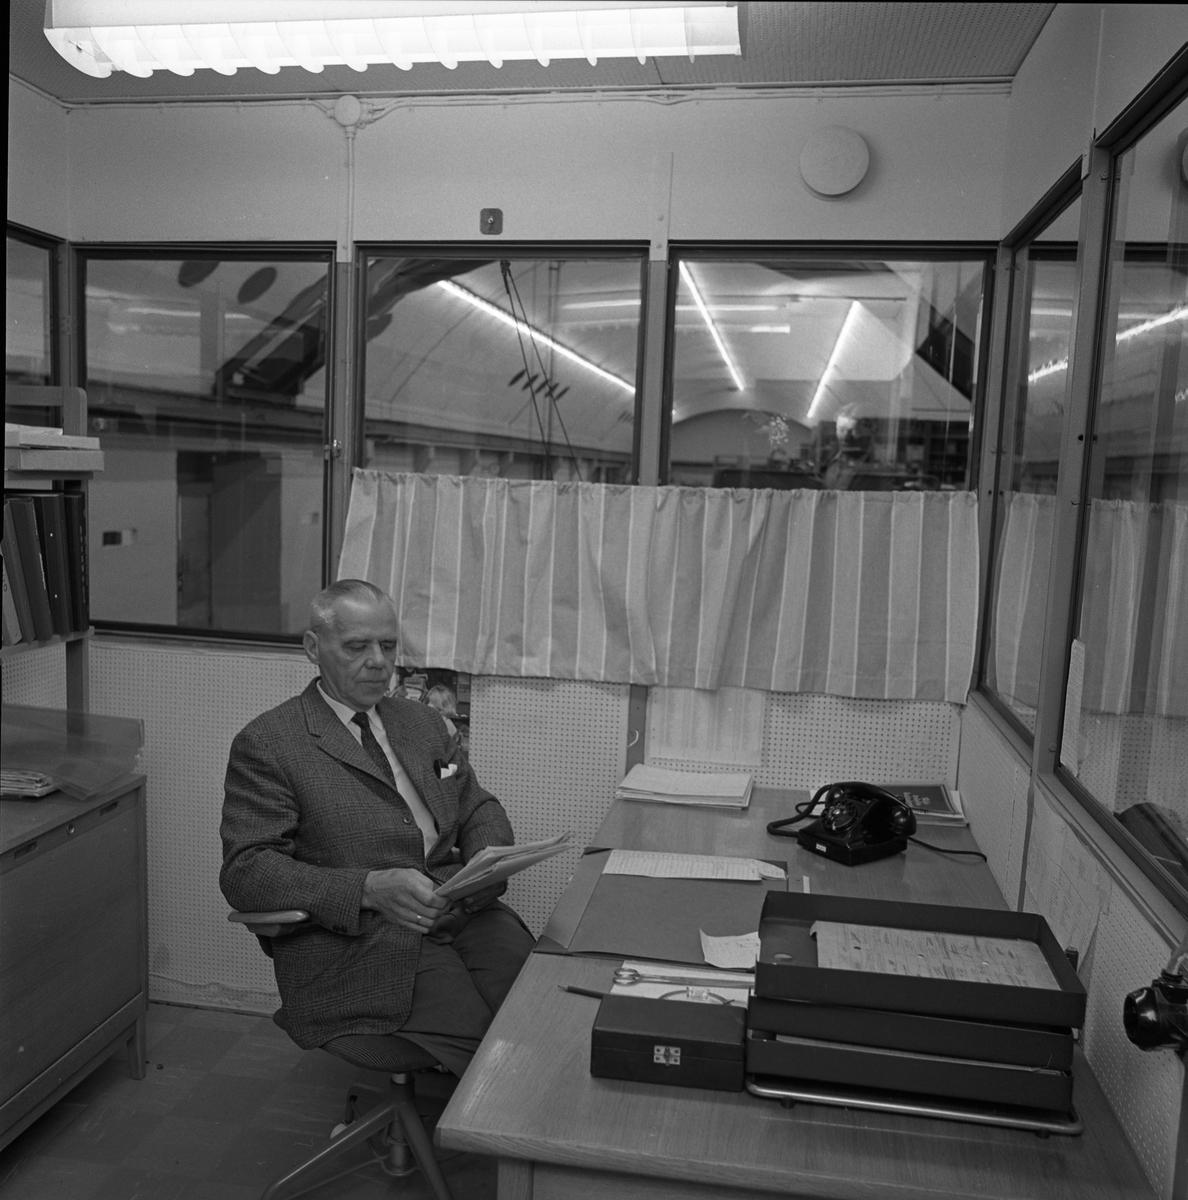 Alf Hedlund, maskinmästare på Centrala Verkstaden Arboga. Han sitter på sitt kontor där han har skrivbord, telefon och bokhylla.